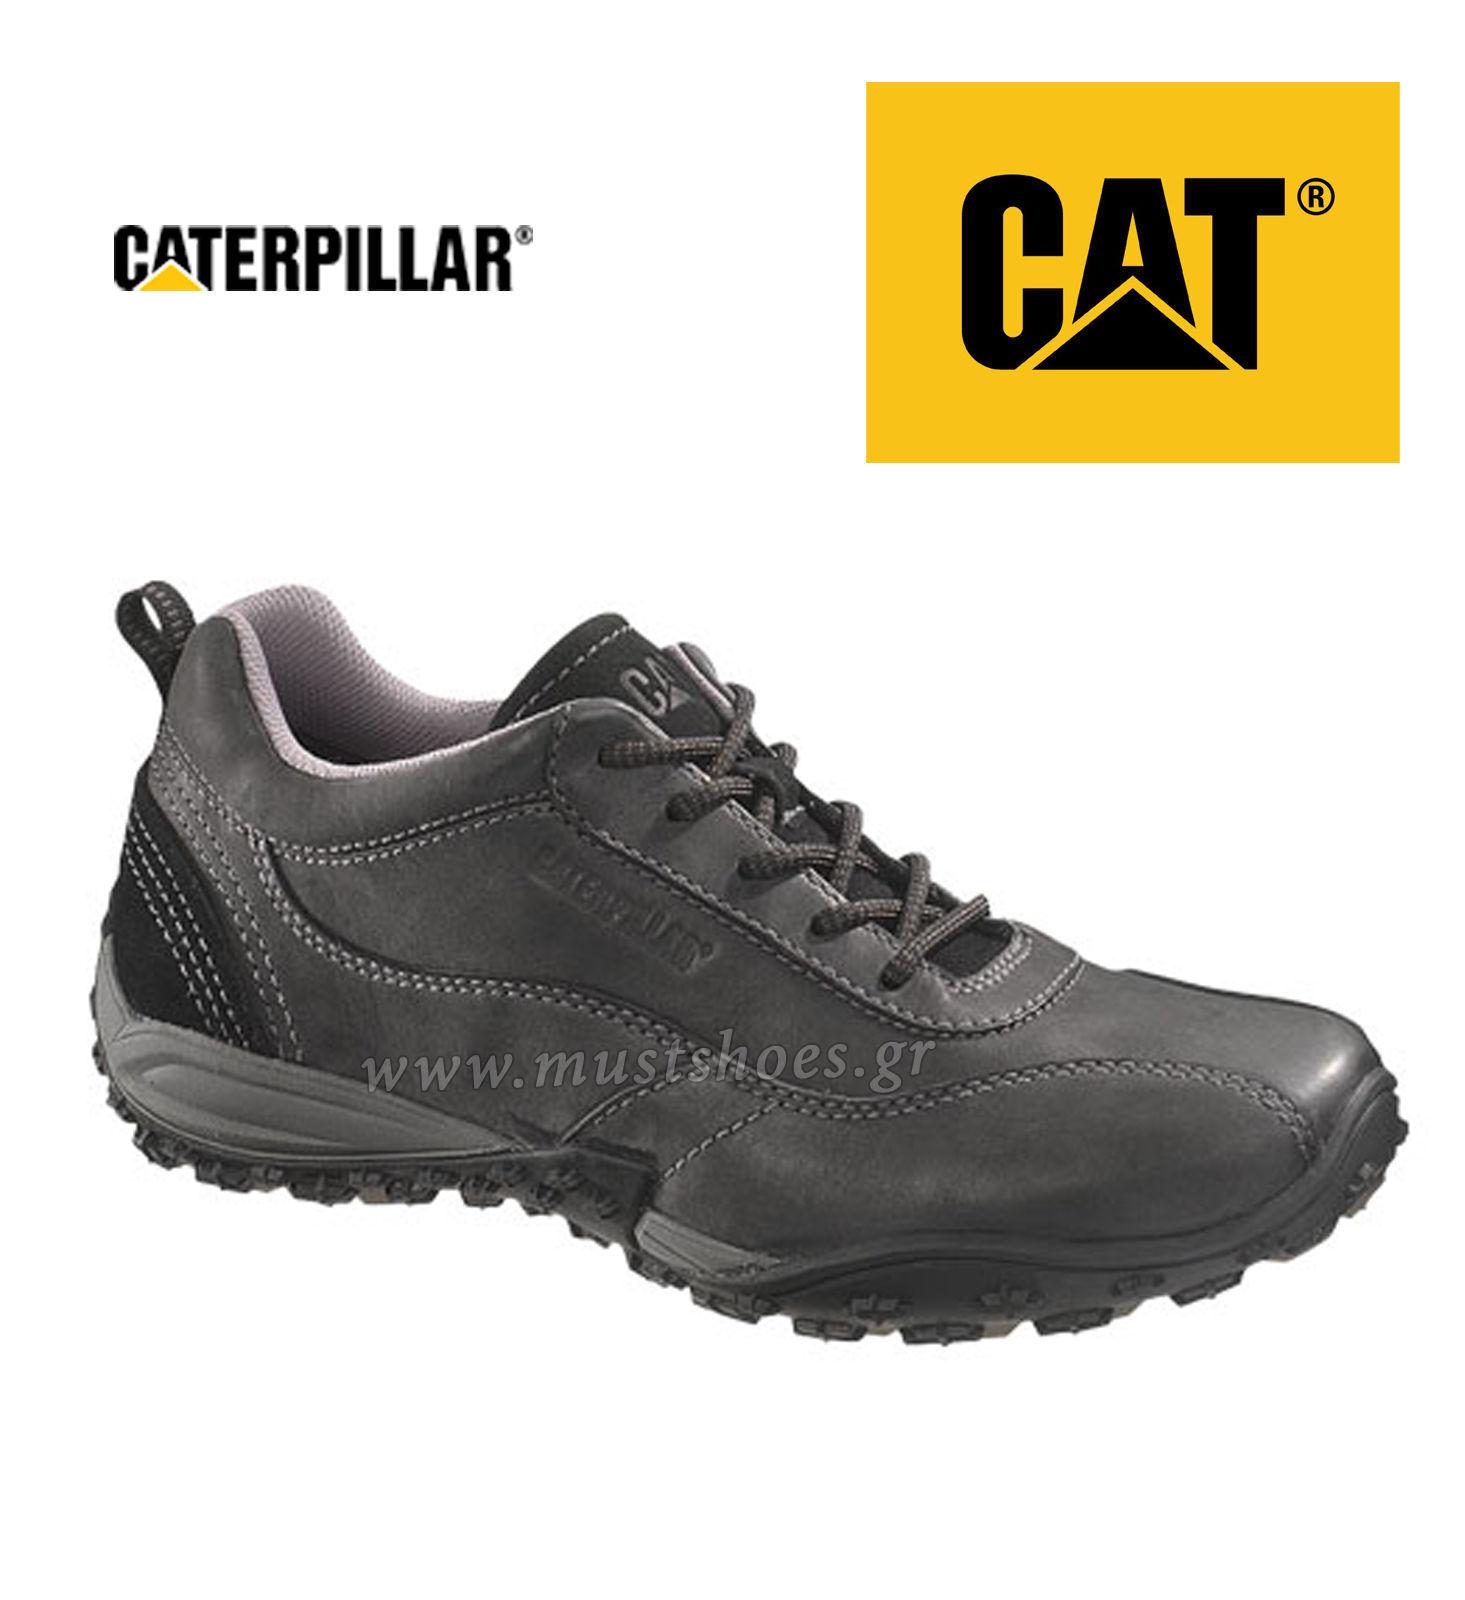 CATERPILLAR CAT MEN'S LEATHER UTILIZE BLACK 714151 EU 41